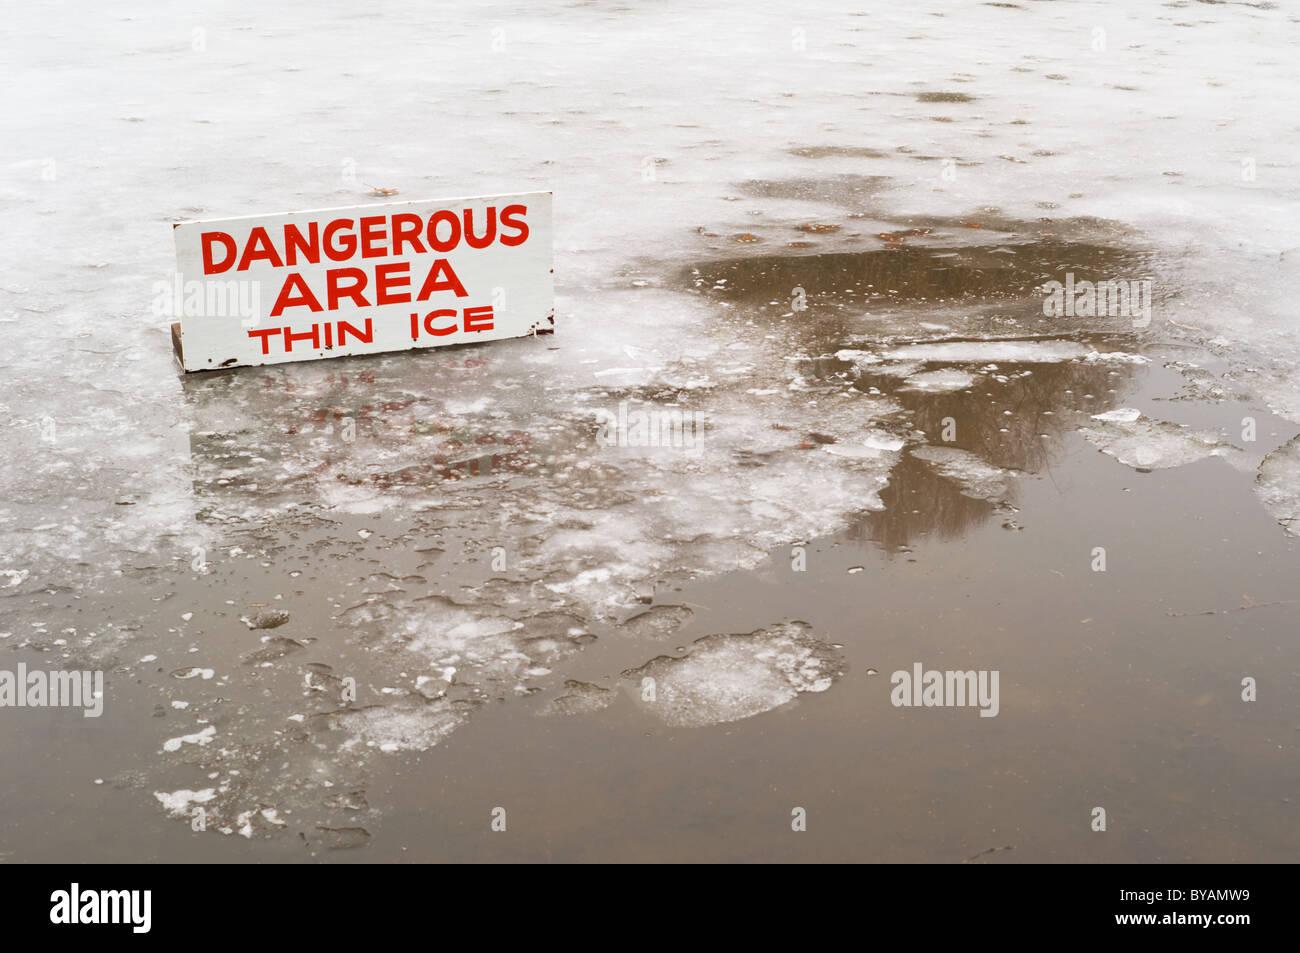 Ein Teich abgedeckt in einer dünnen Schicht aus Eis mit einigen open Water und ein Zeichen der Gefahr bedeutet. Stockbild